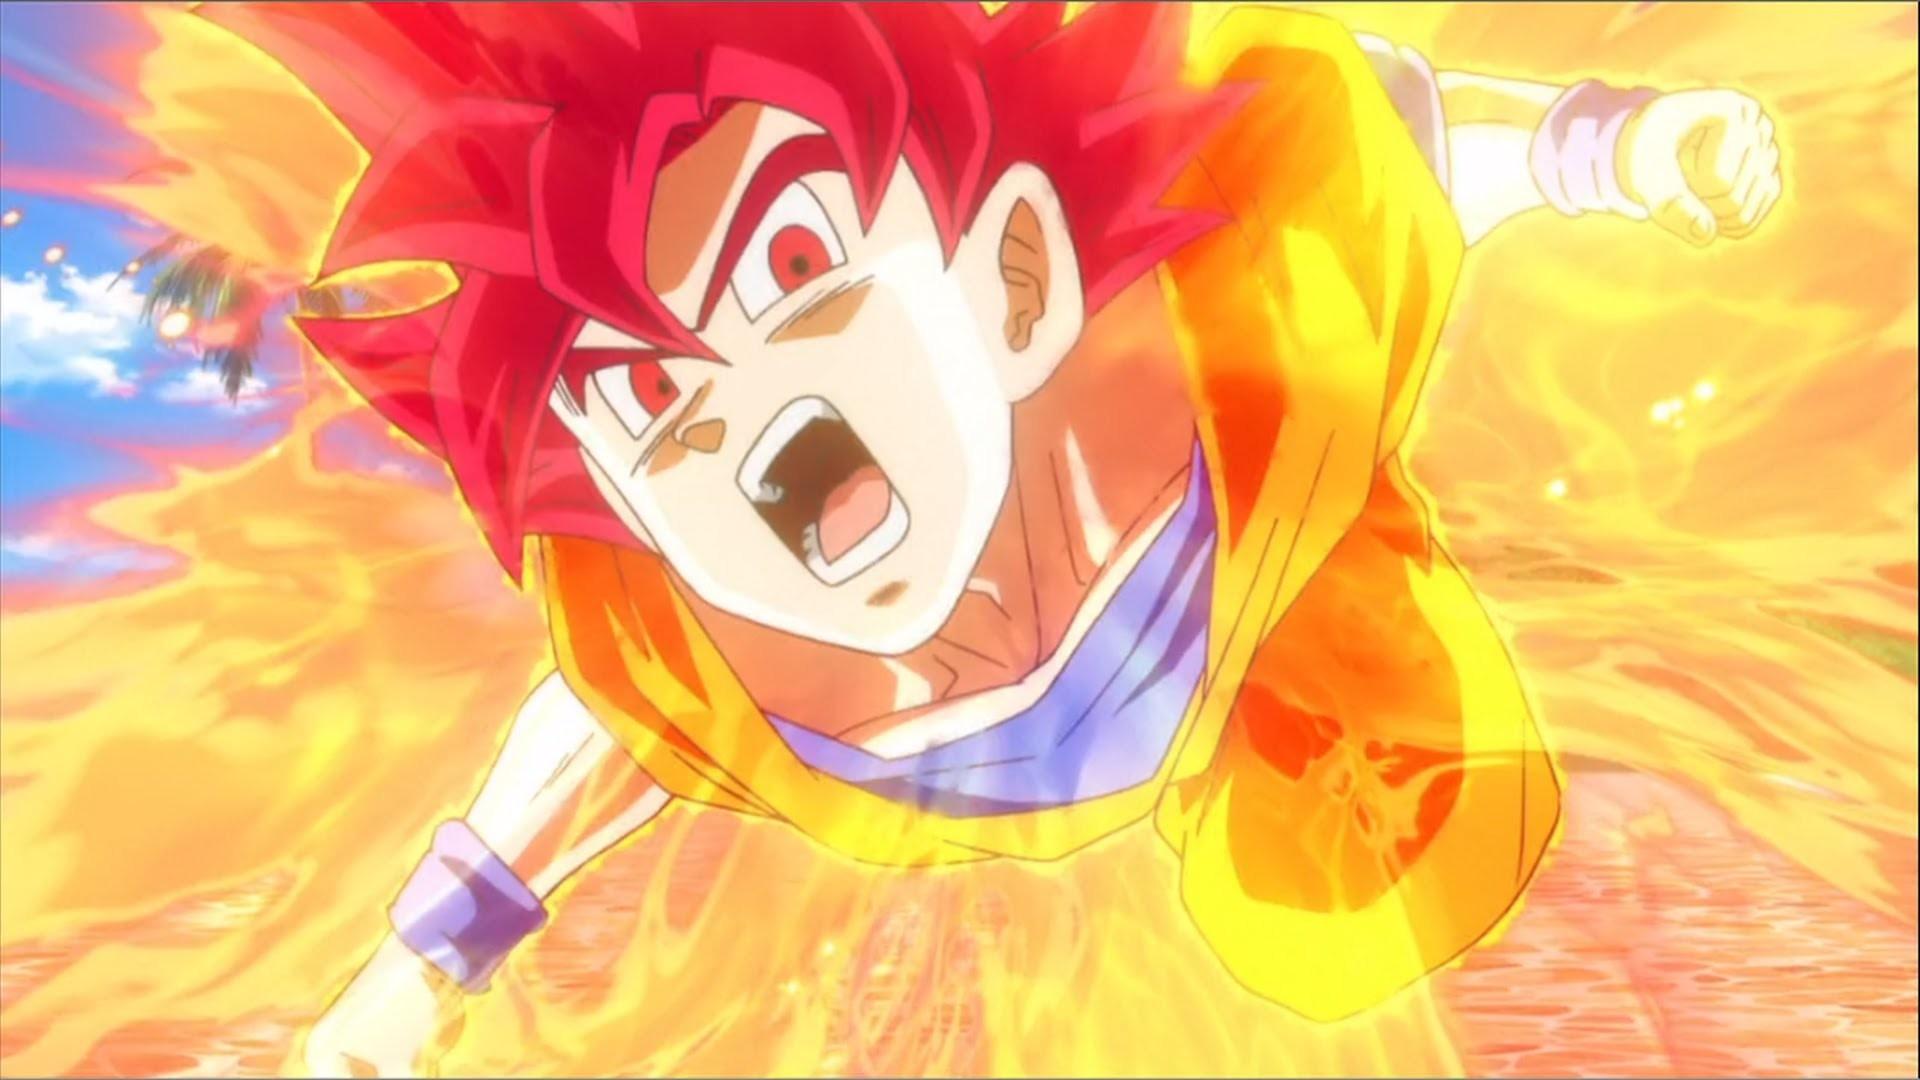 Goku Super Saiyan God Wallpapers 57 Pictures